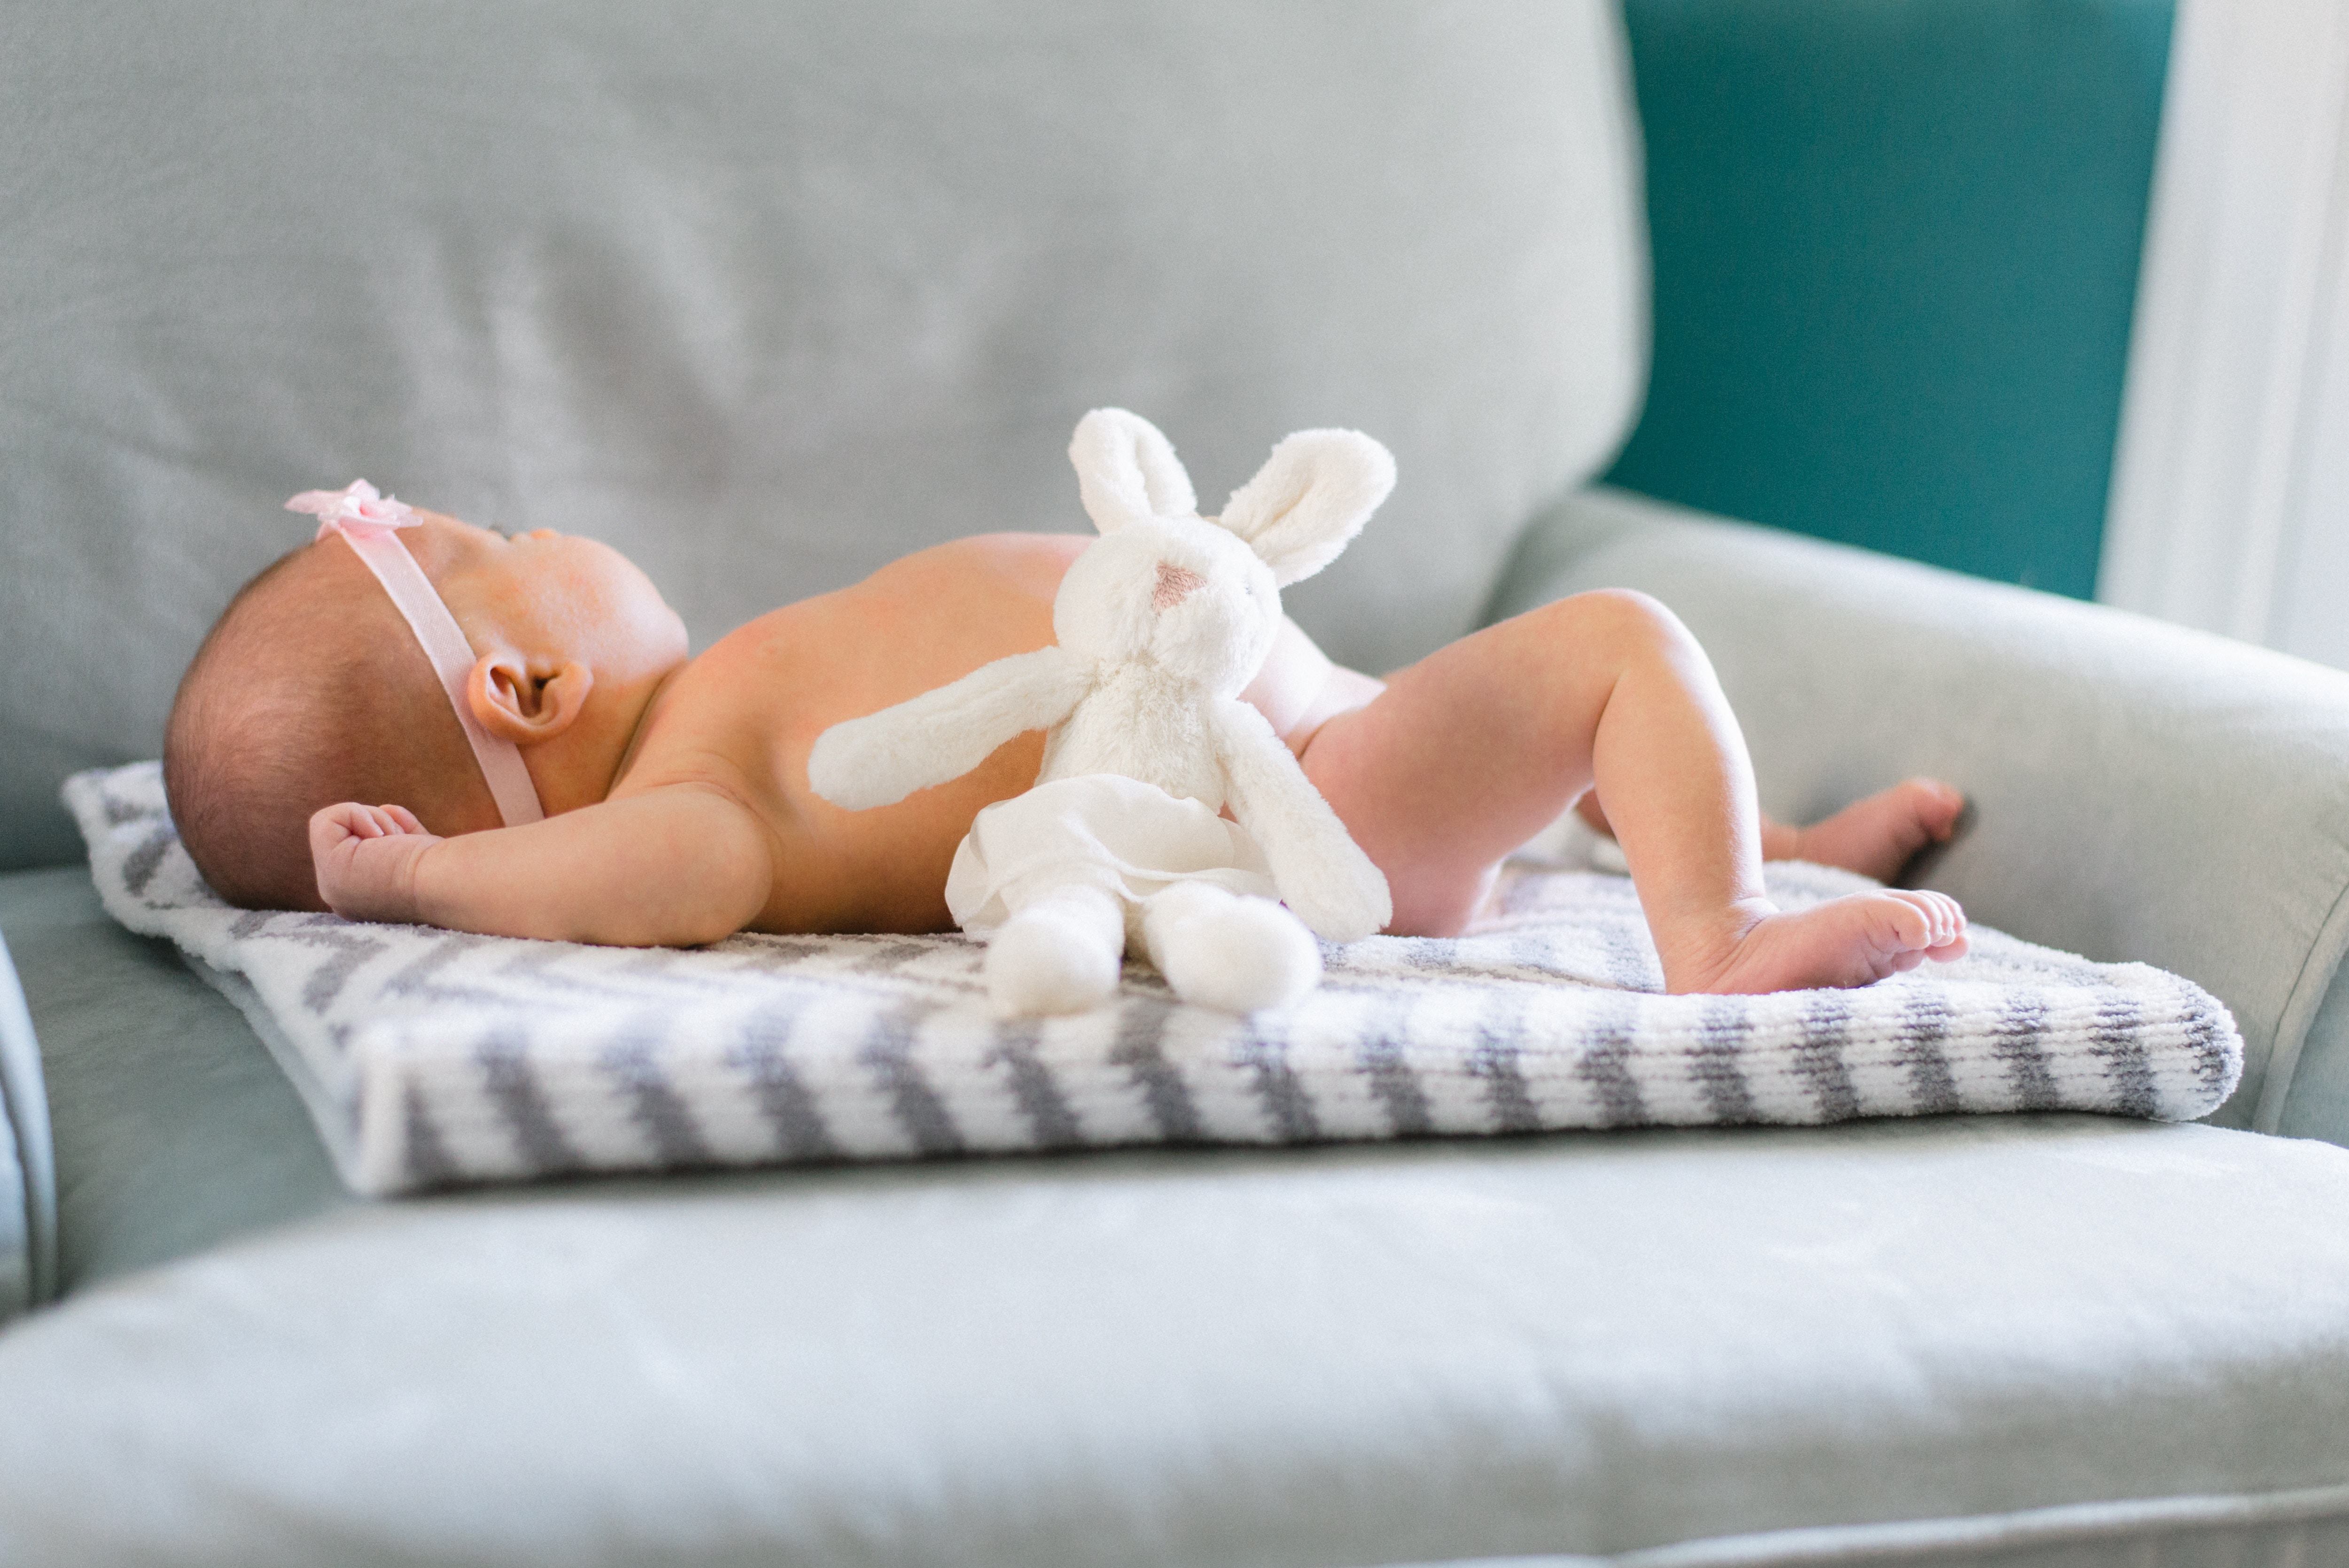 寶寶一直溢奶怎麼辦